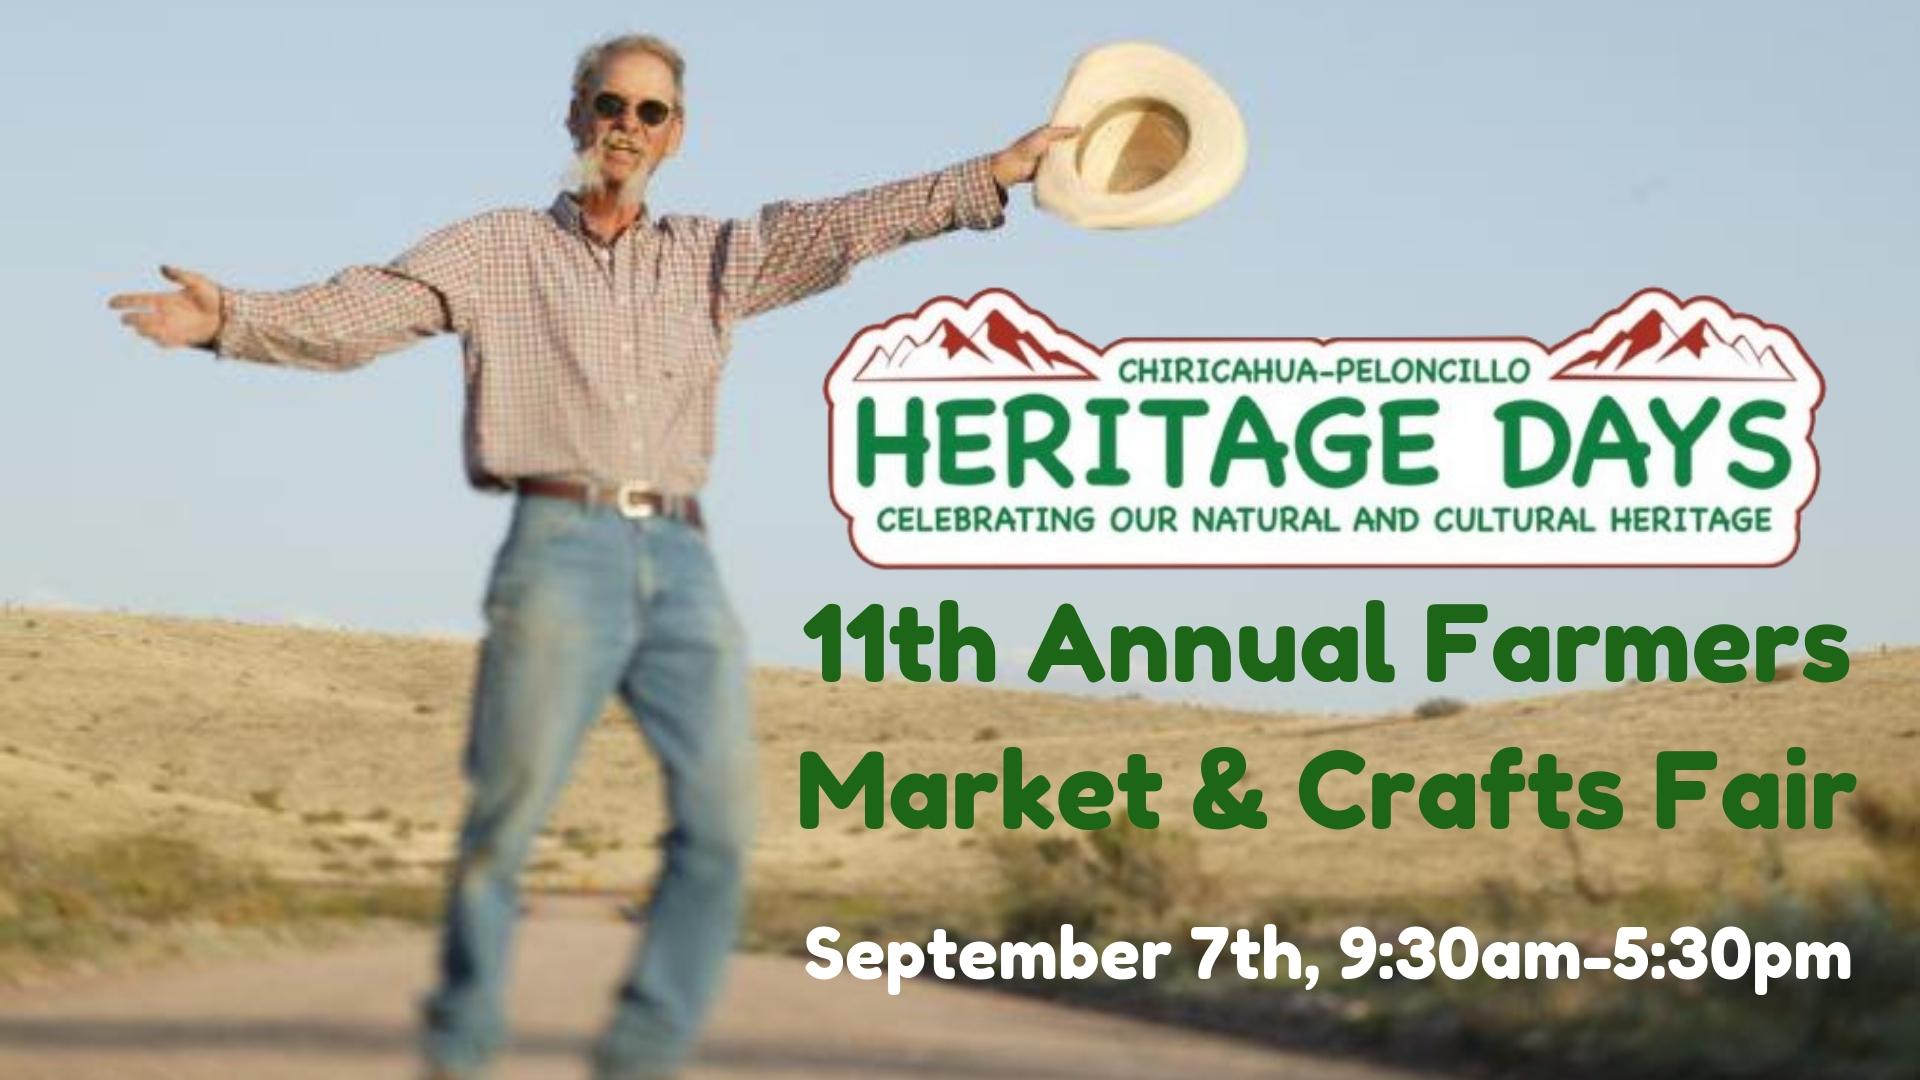 10 Annual Farmers Market & Crafts Fair.jpg